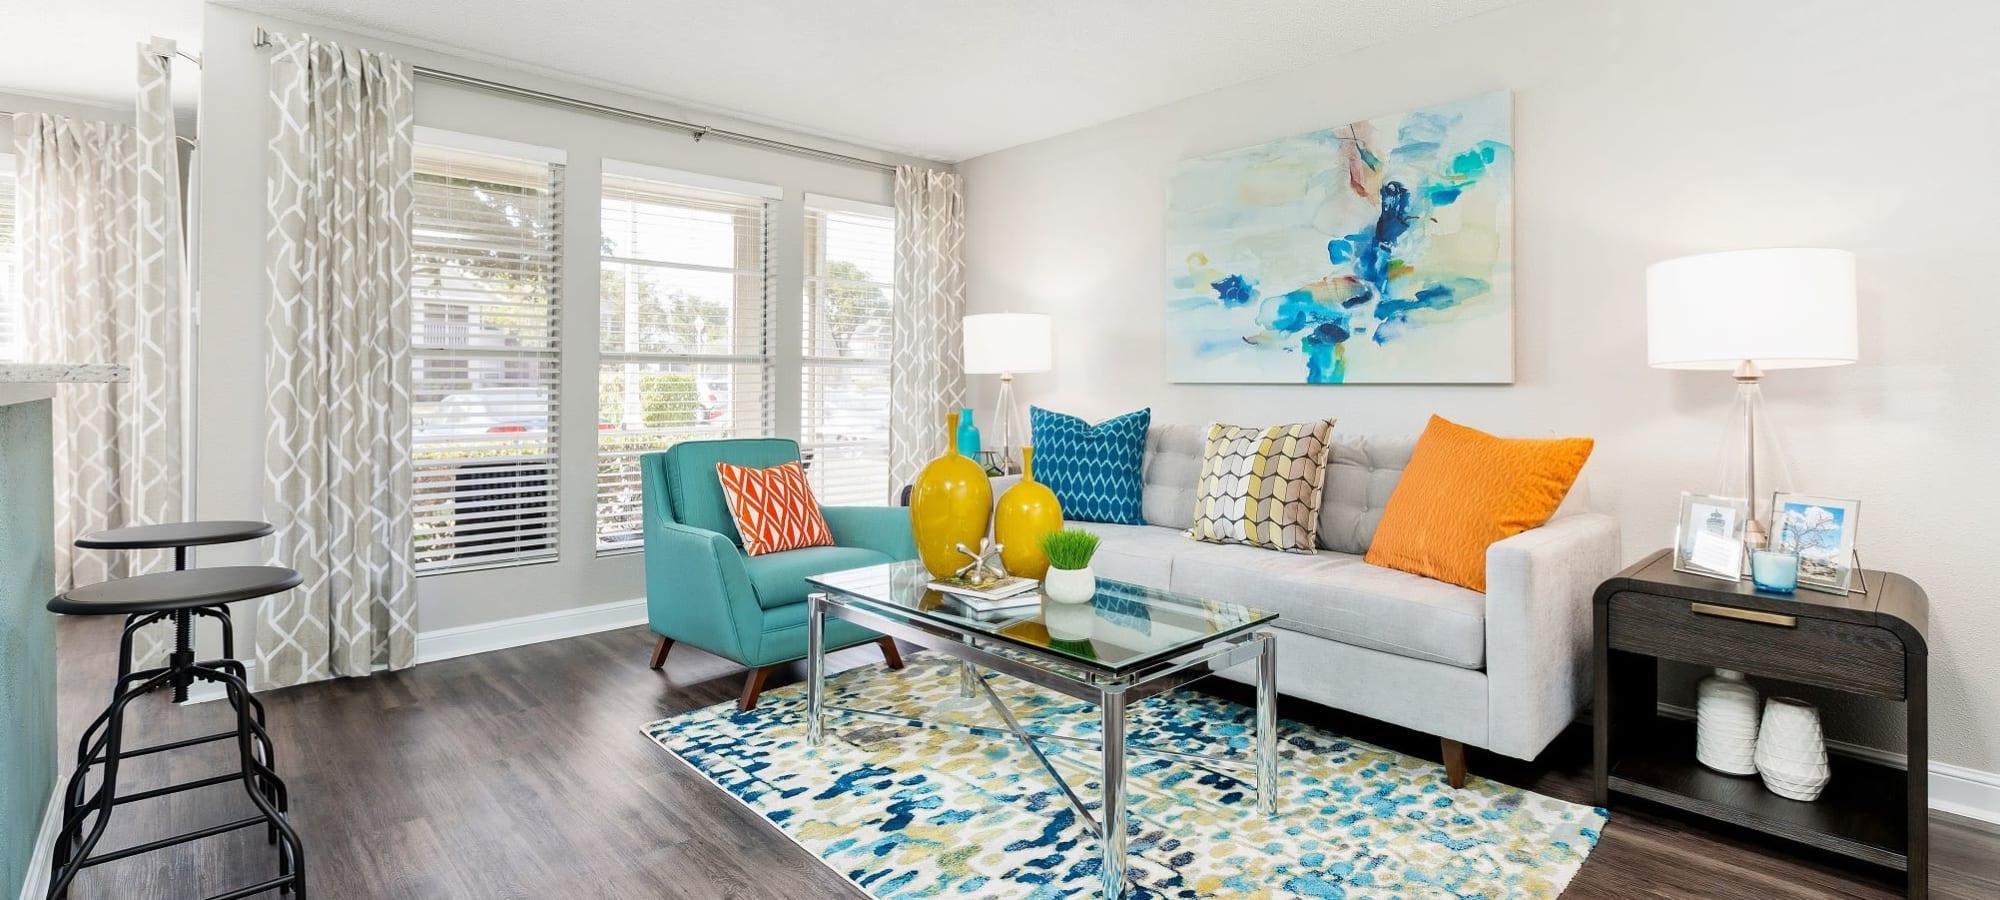 Apartments at Lago Paradiso at the Hammocks in Miami, Florida